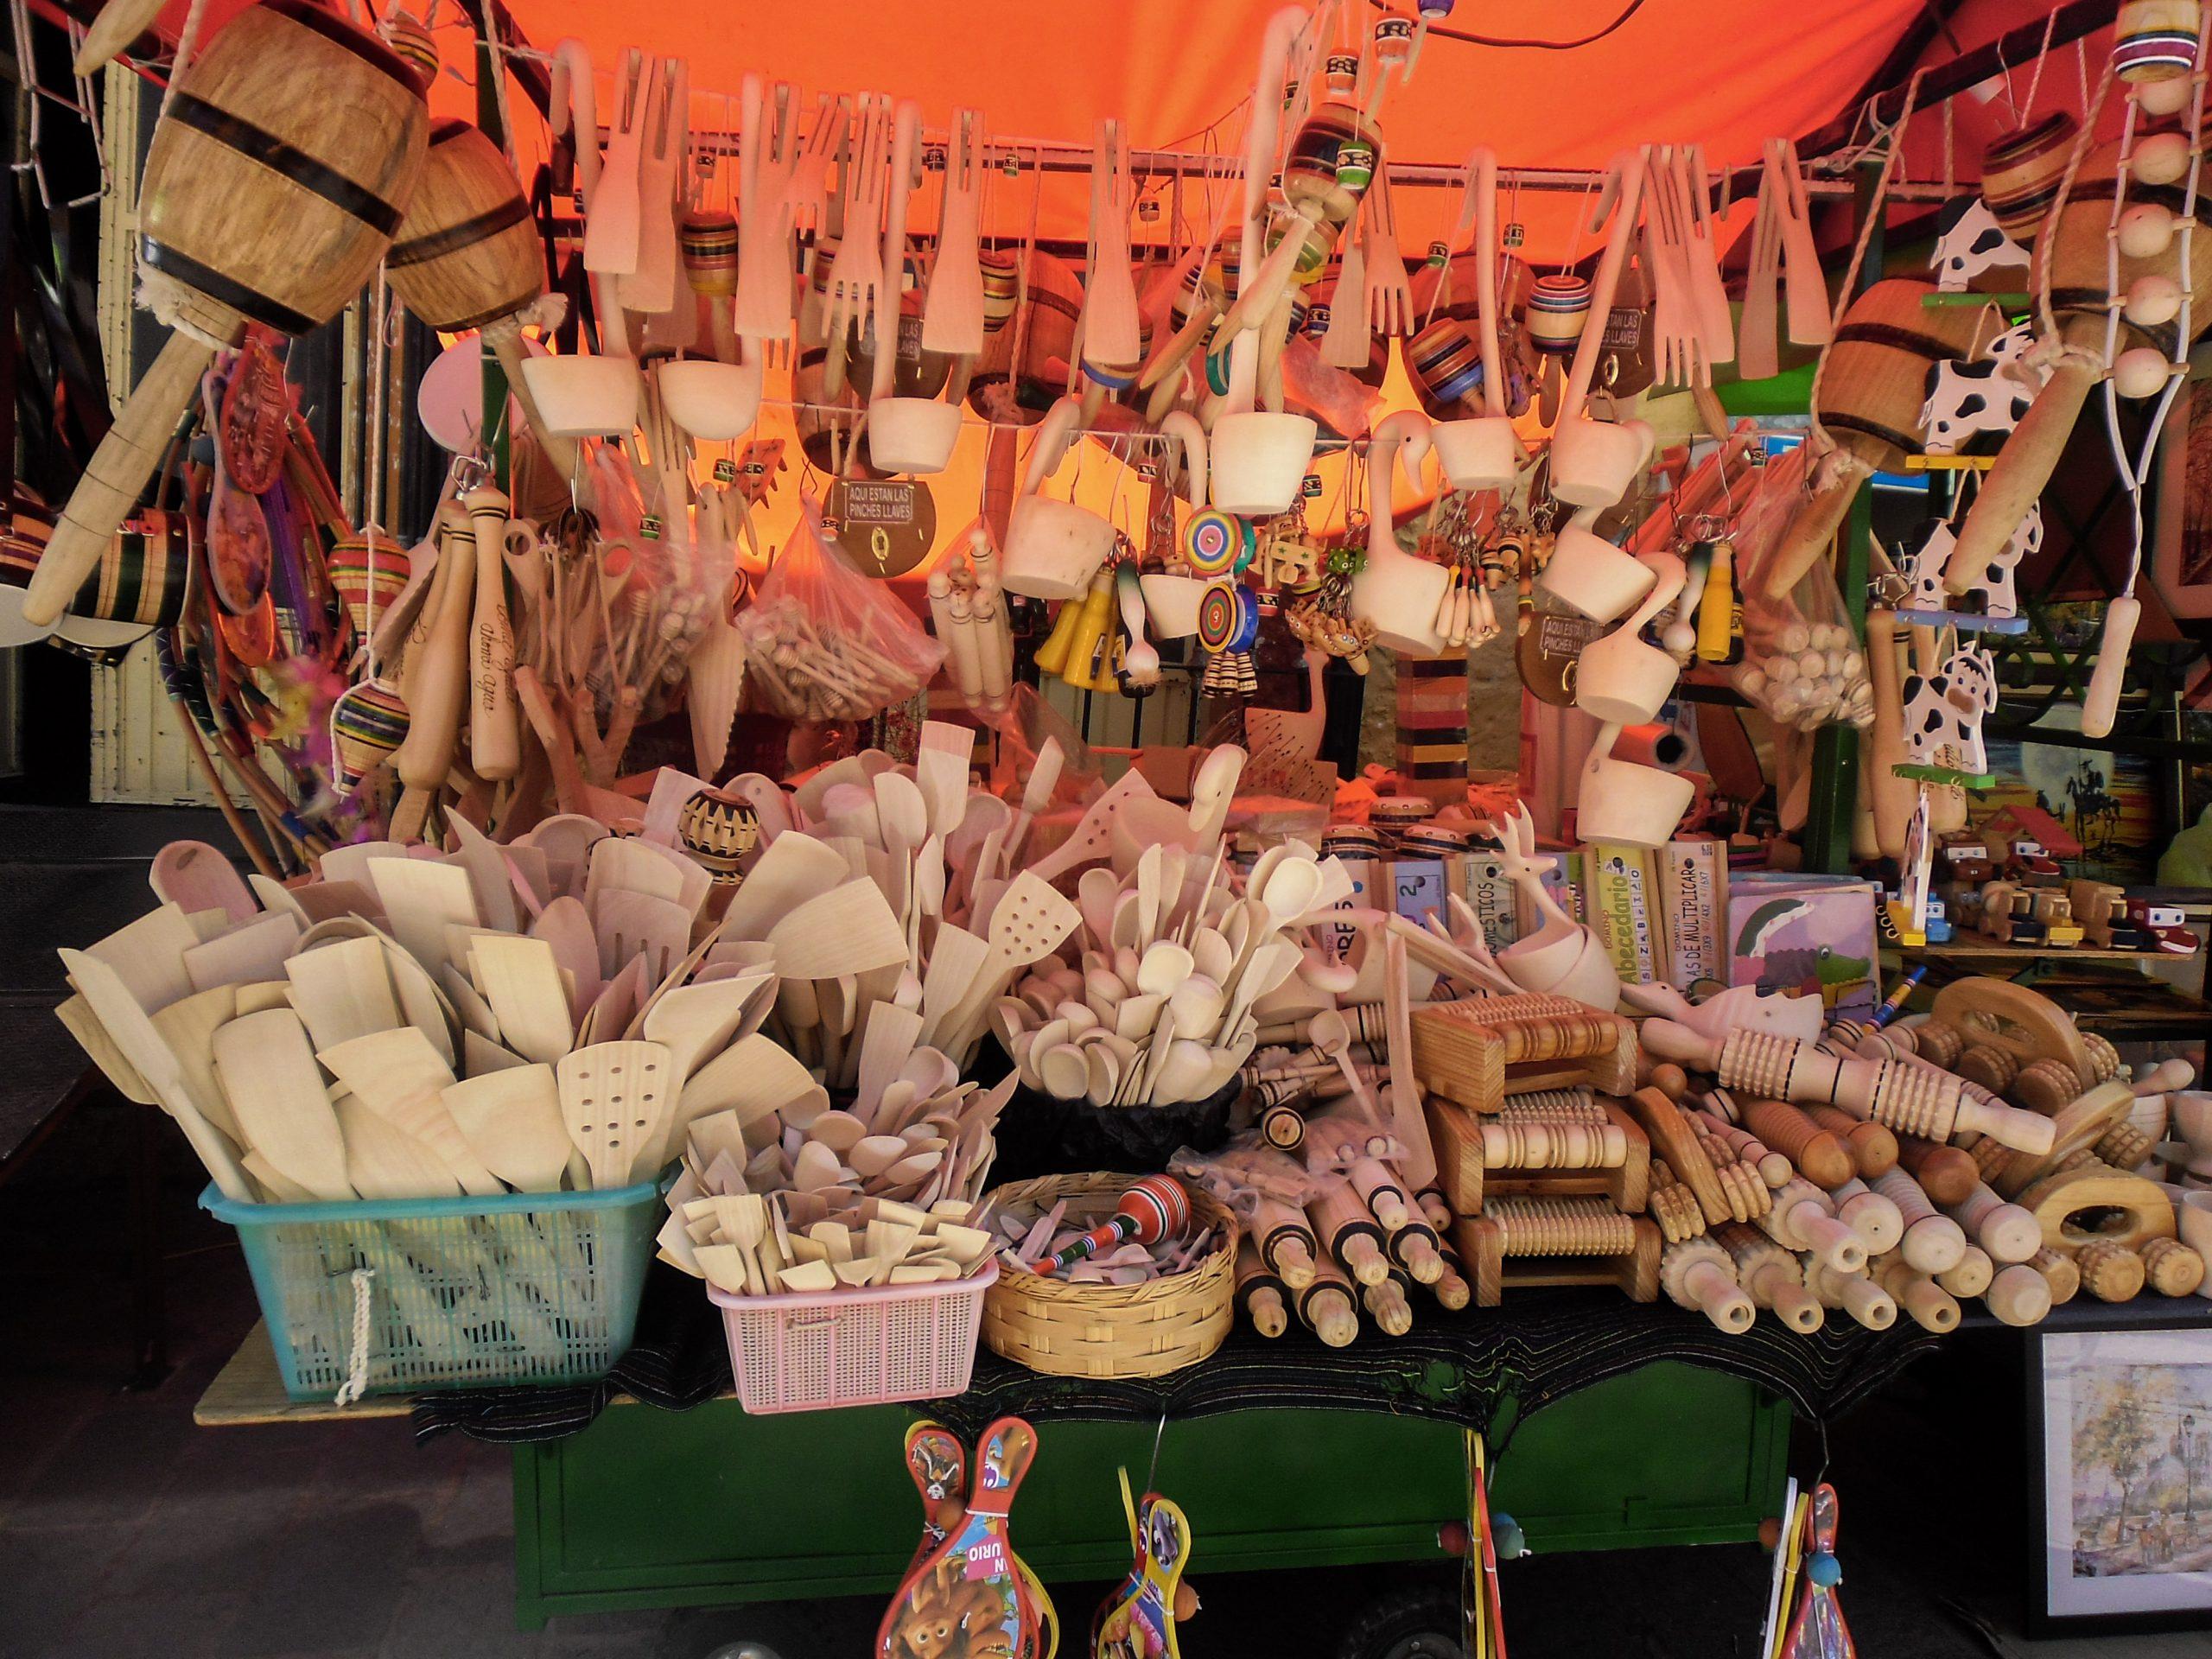 Artesanías de madera en Tequisquiapan